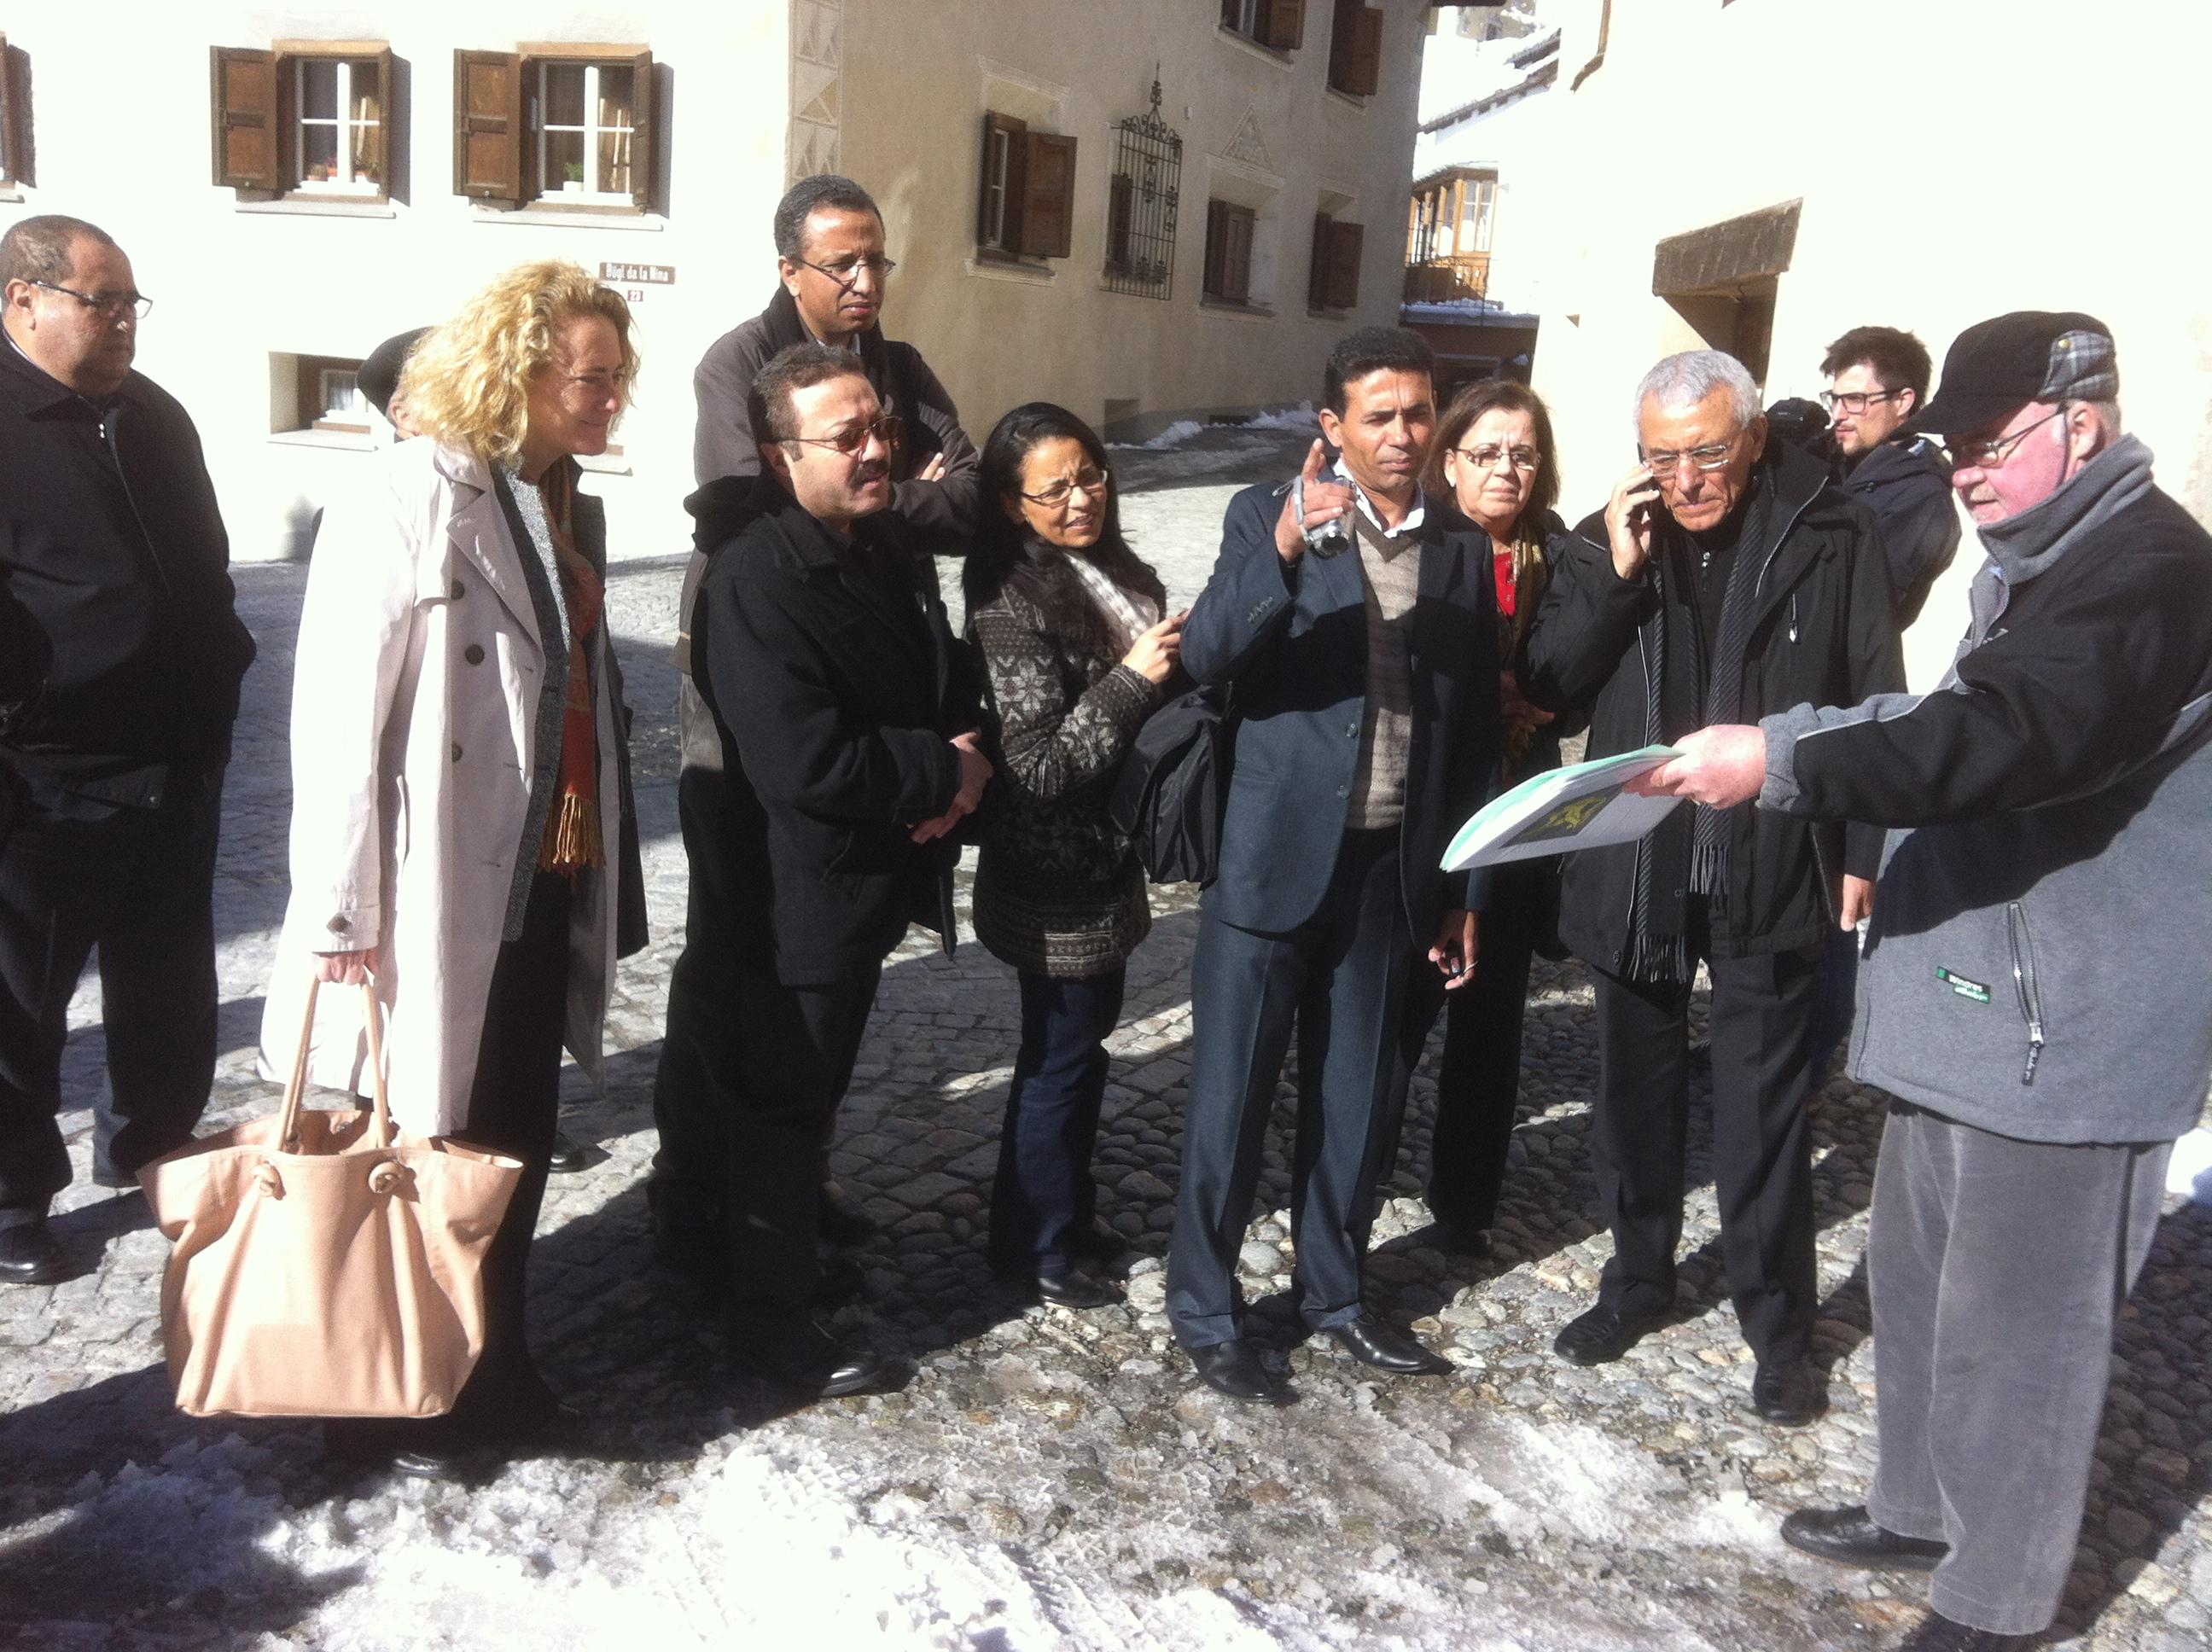 La delegaziun dal Maroc ha tranter auter visità il vitg da Samedan.